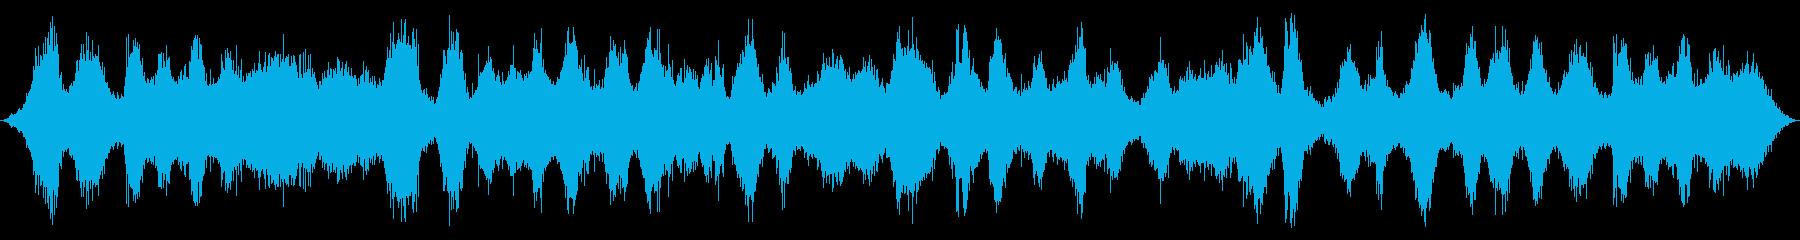 海洋:非常に重い波の再生済みの波形